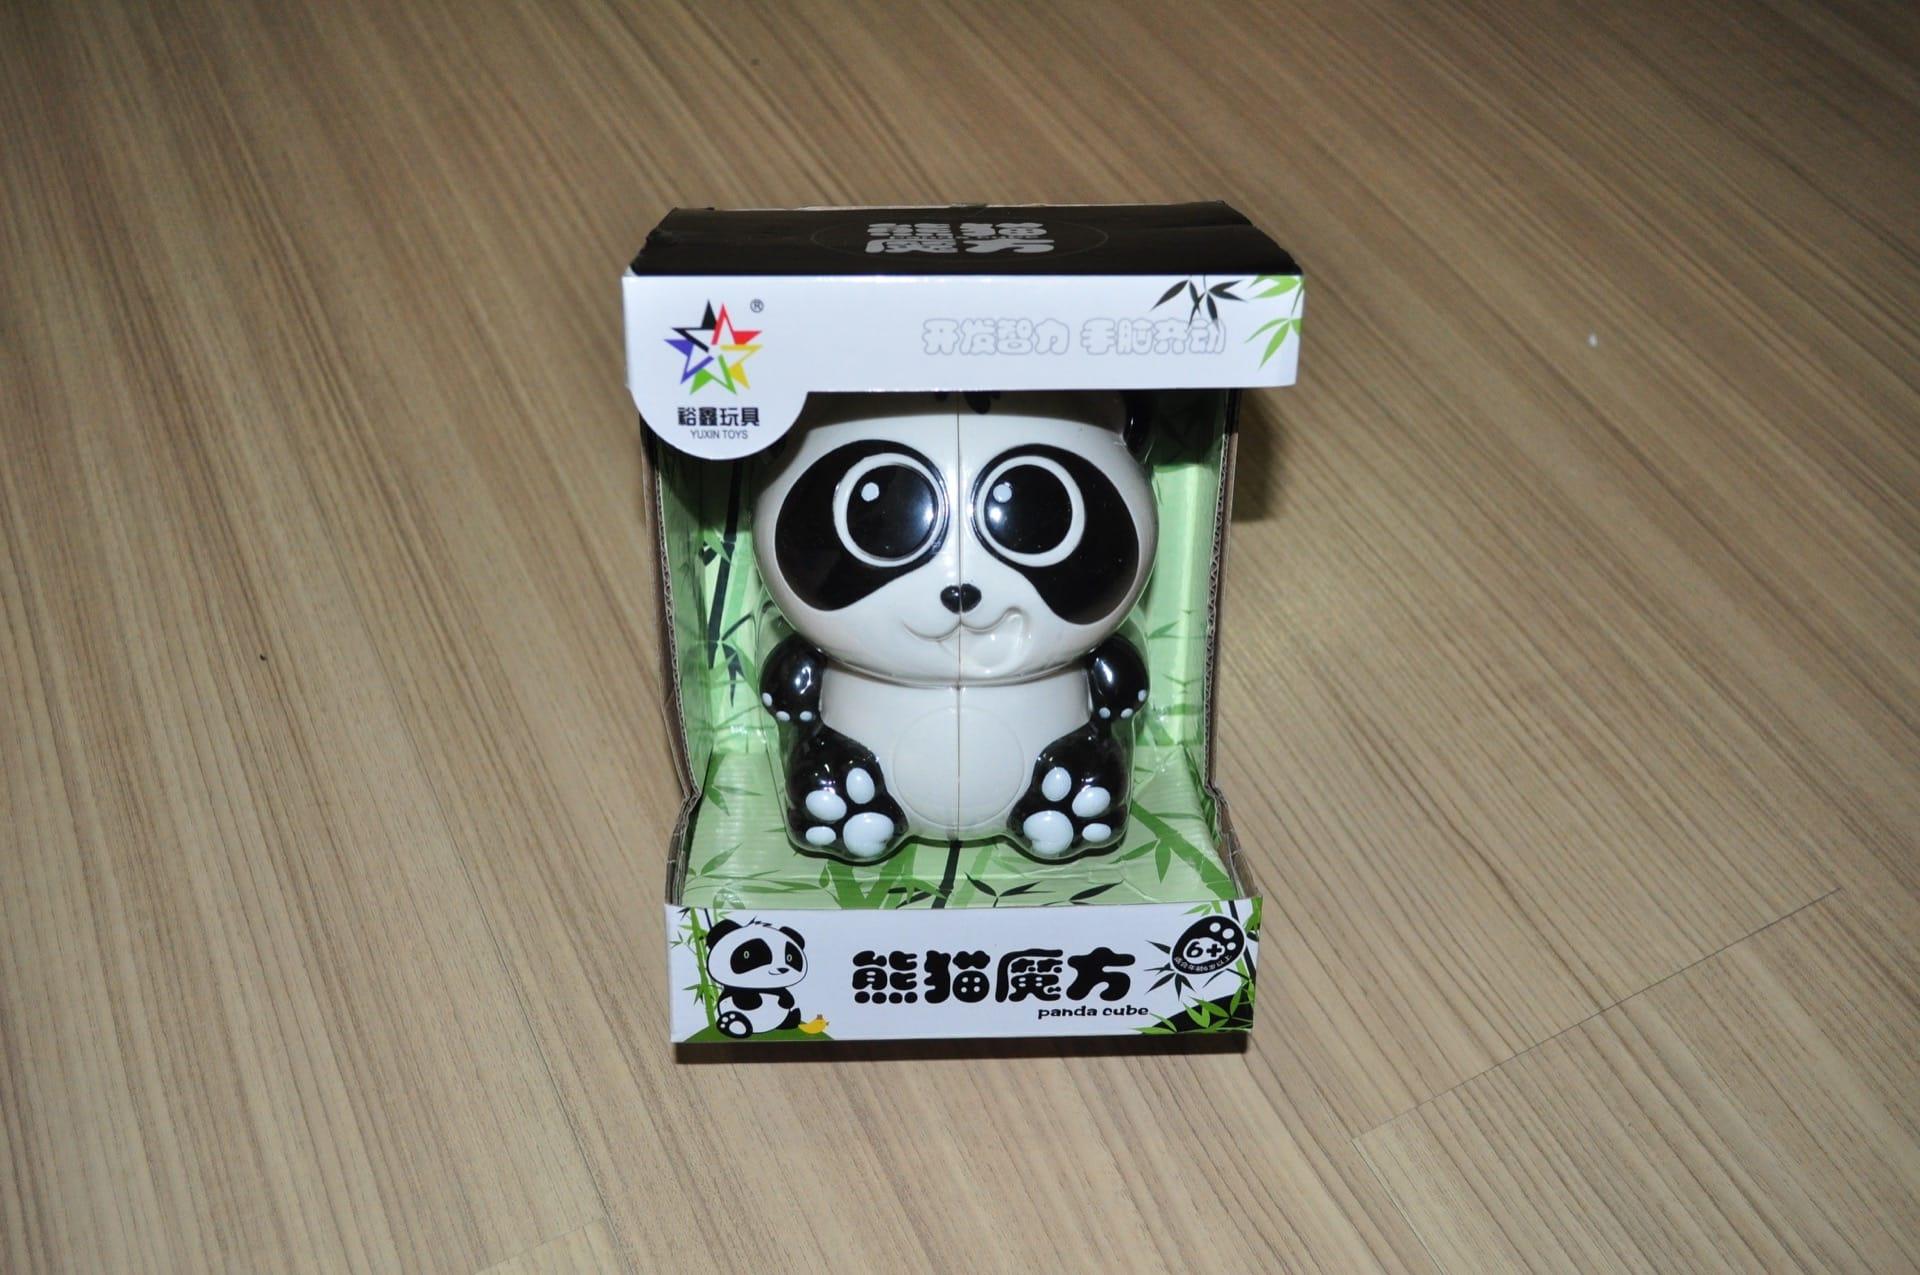 Yuxin 2x2x2 Panda